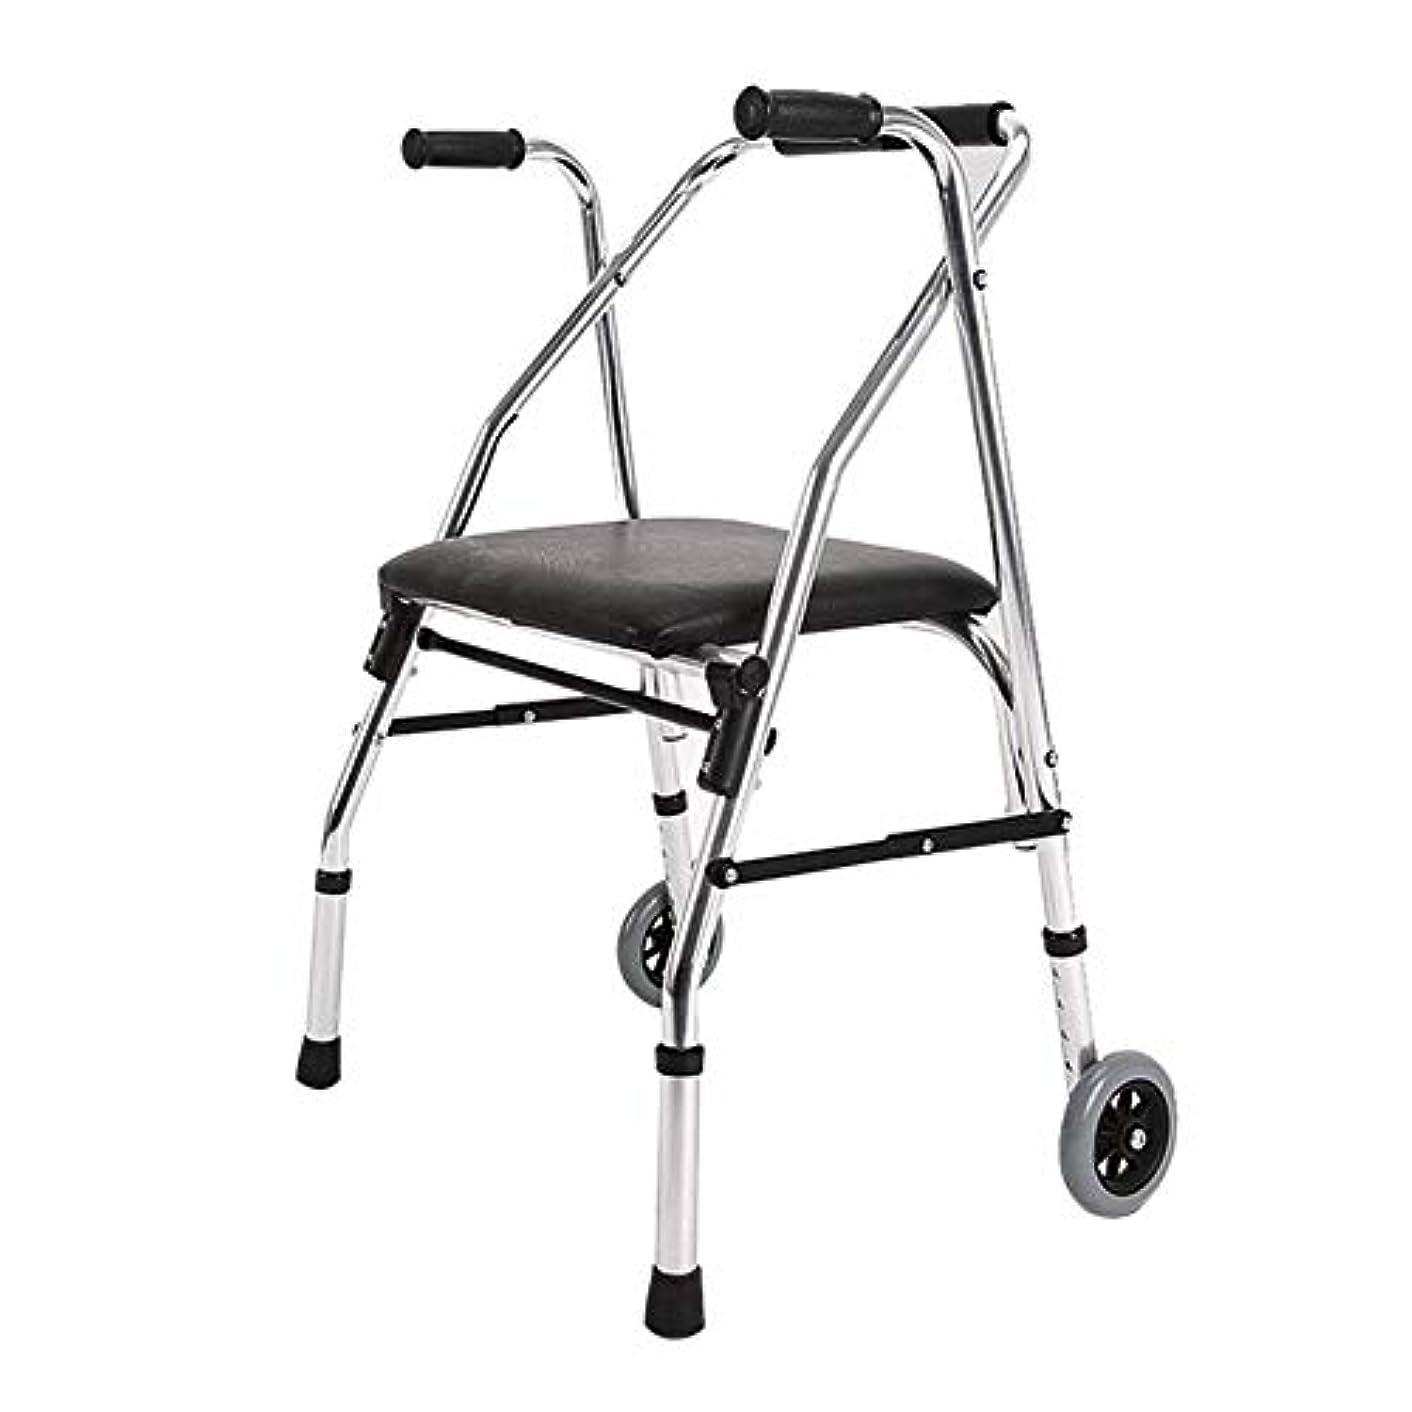 を必要としていますシュリンク憤る軽量ウォーカー、パッド入りシートとバッグコンパクト折りたたみデザイン高齢者ウォーカー付きアルミニウムローラー